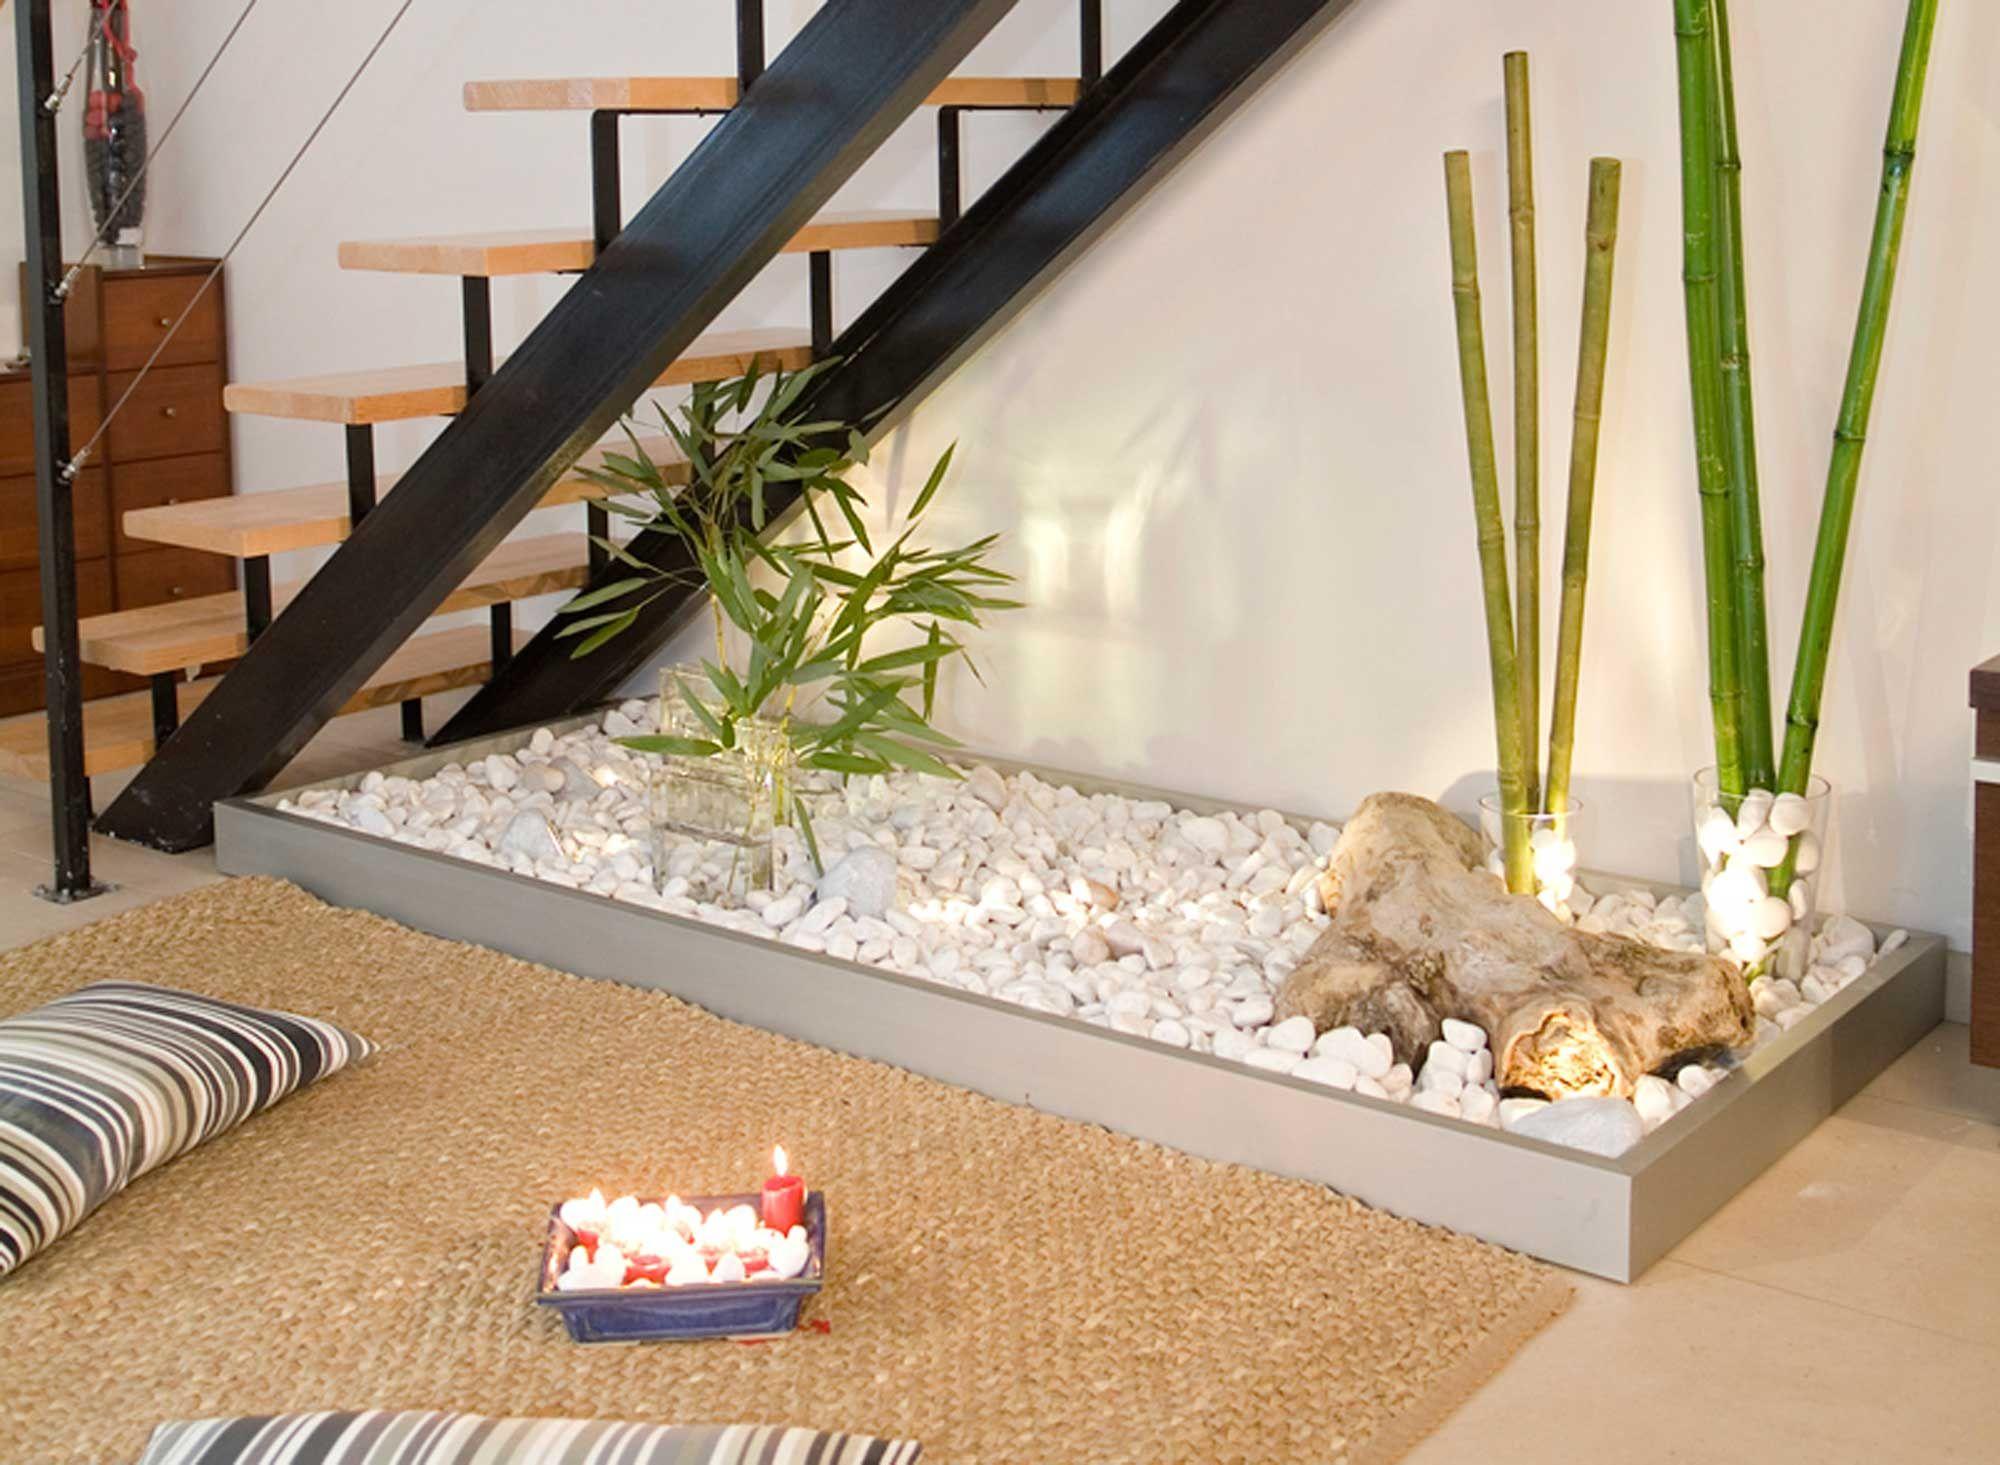 Rincón interior de estilo zen